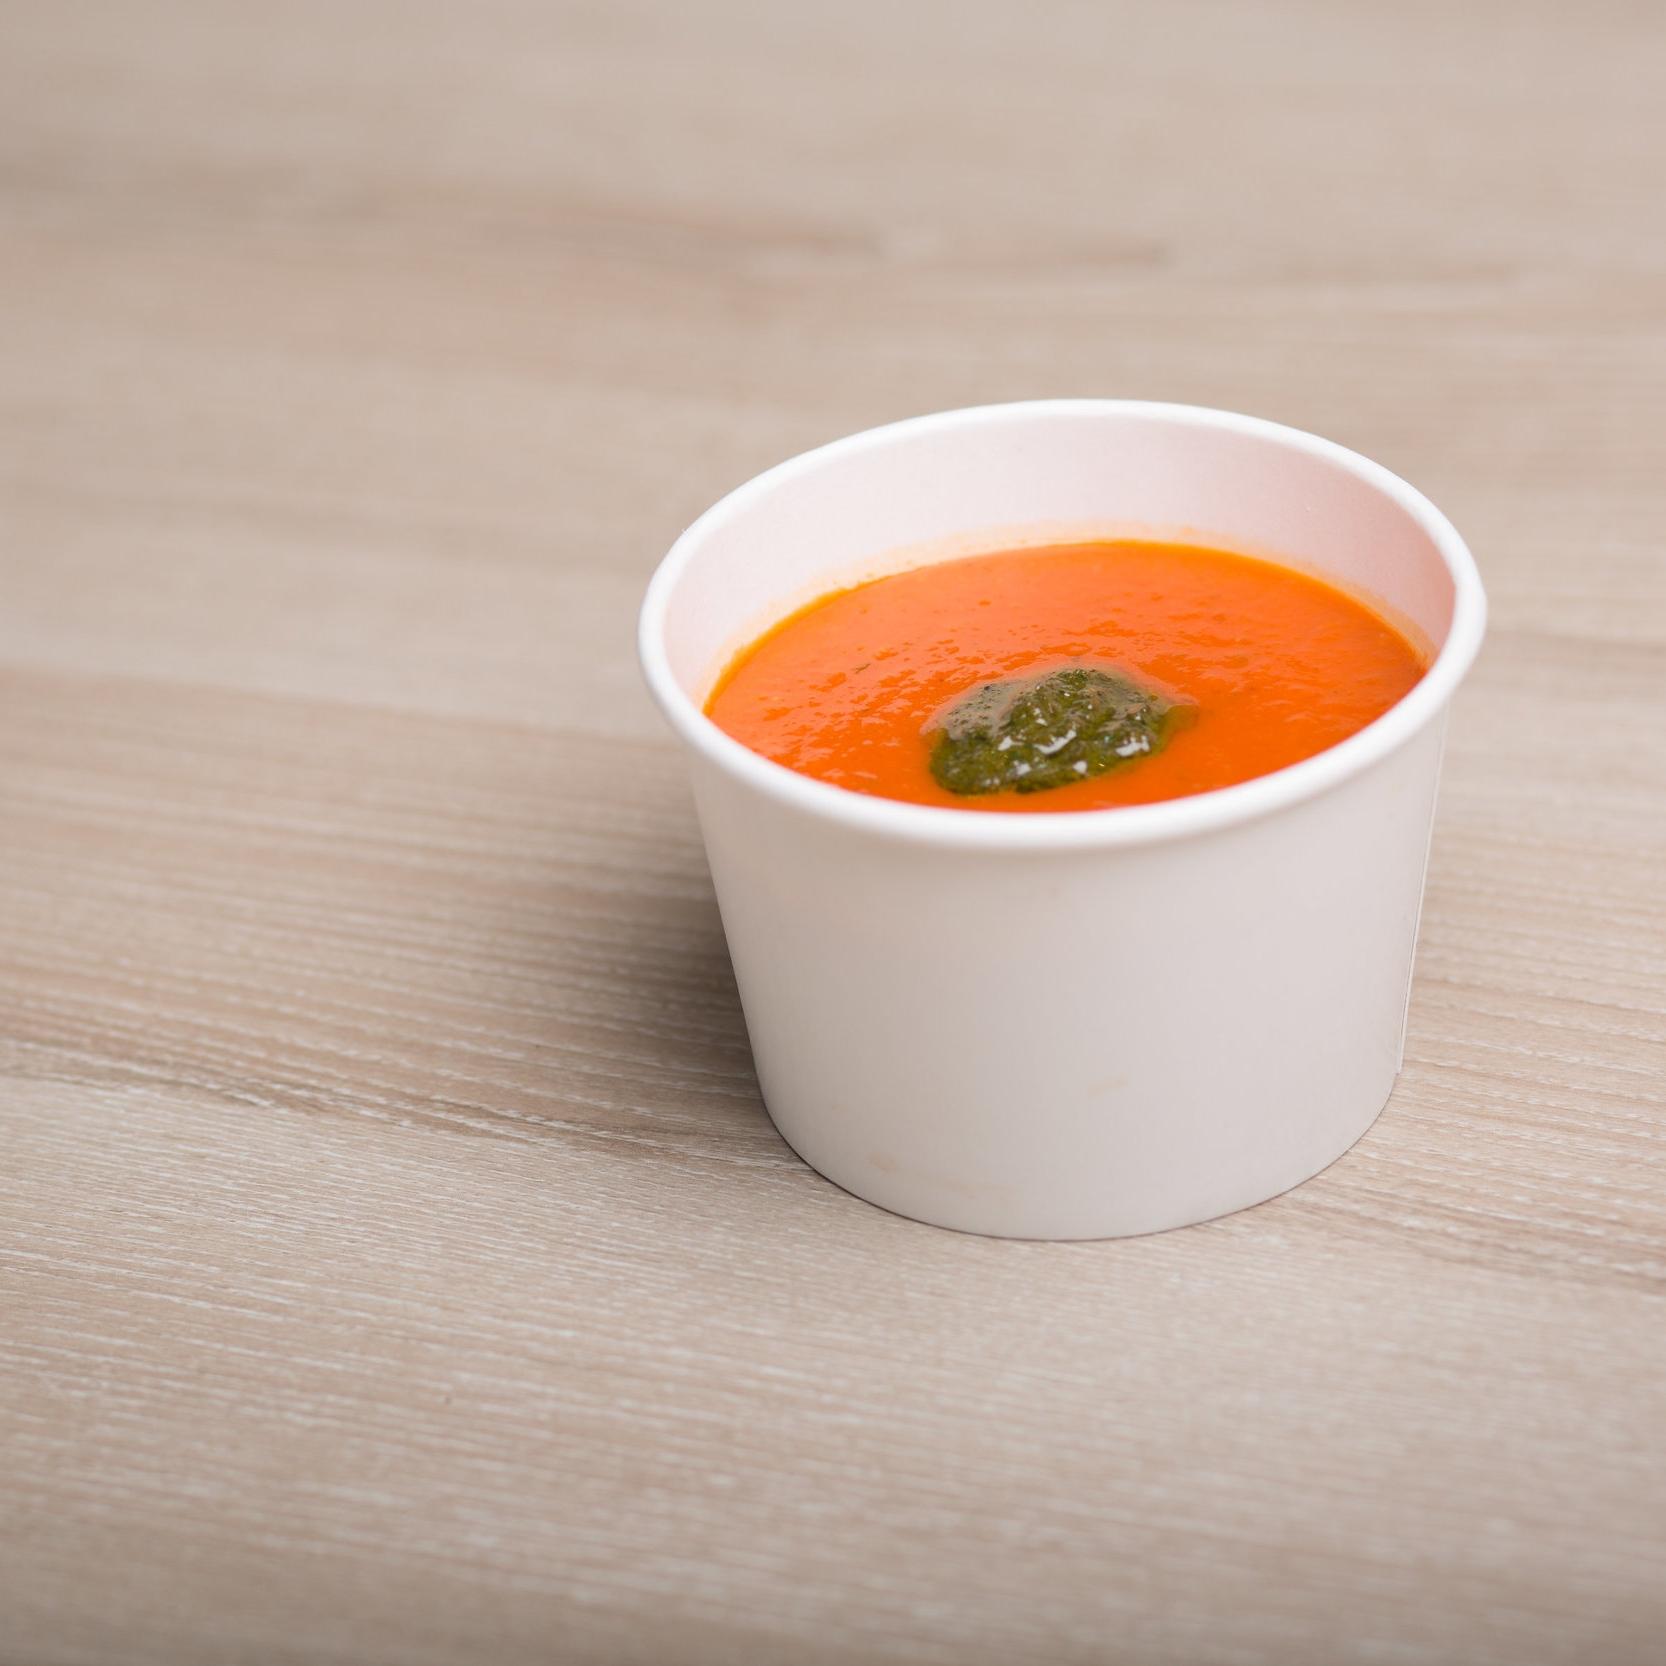 Vegan soup, Vegan meals located at 424 Queen Street W, Toronto Ont